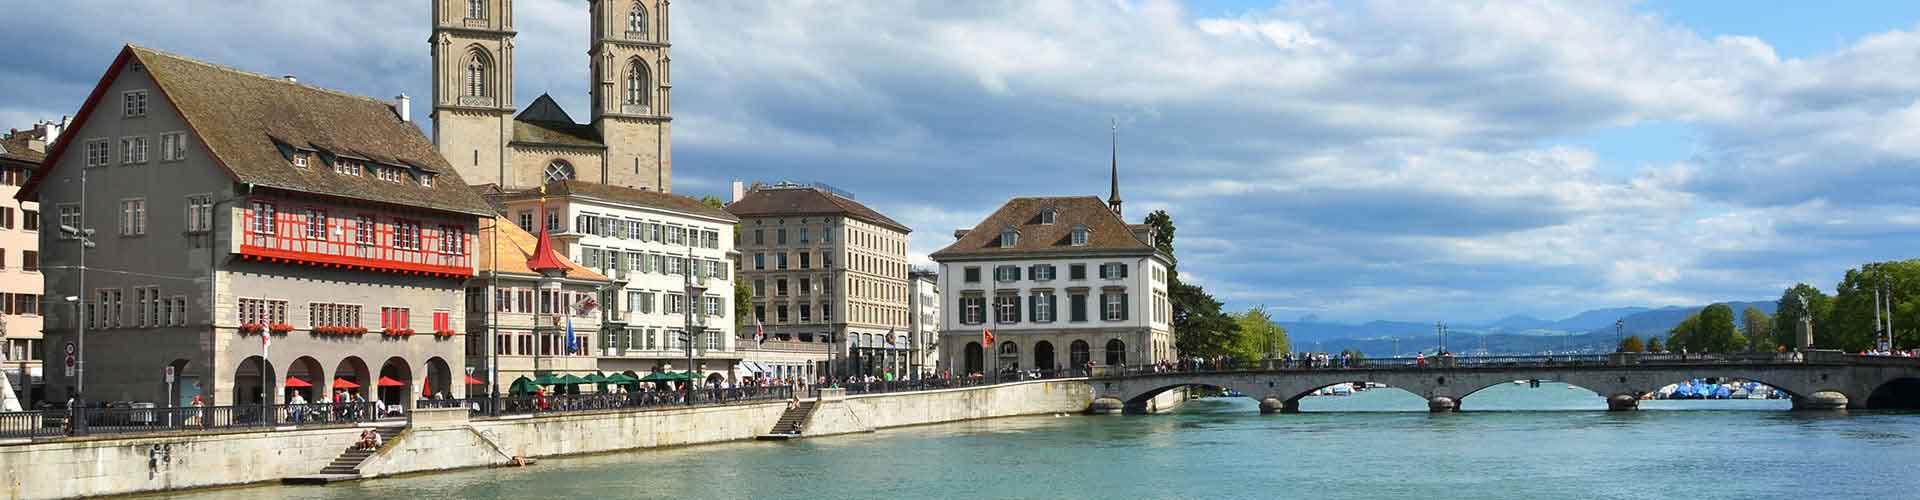 Zürich – Hostels in Zürich. Zürich auf der Karte. Fotos und Bewertungen für jedes Hostel in Zürich.